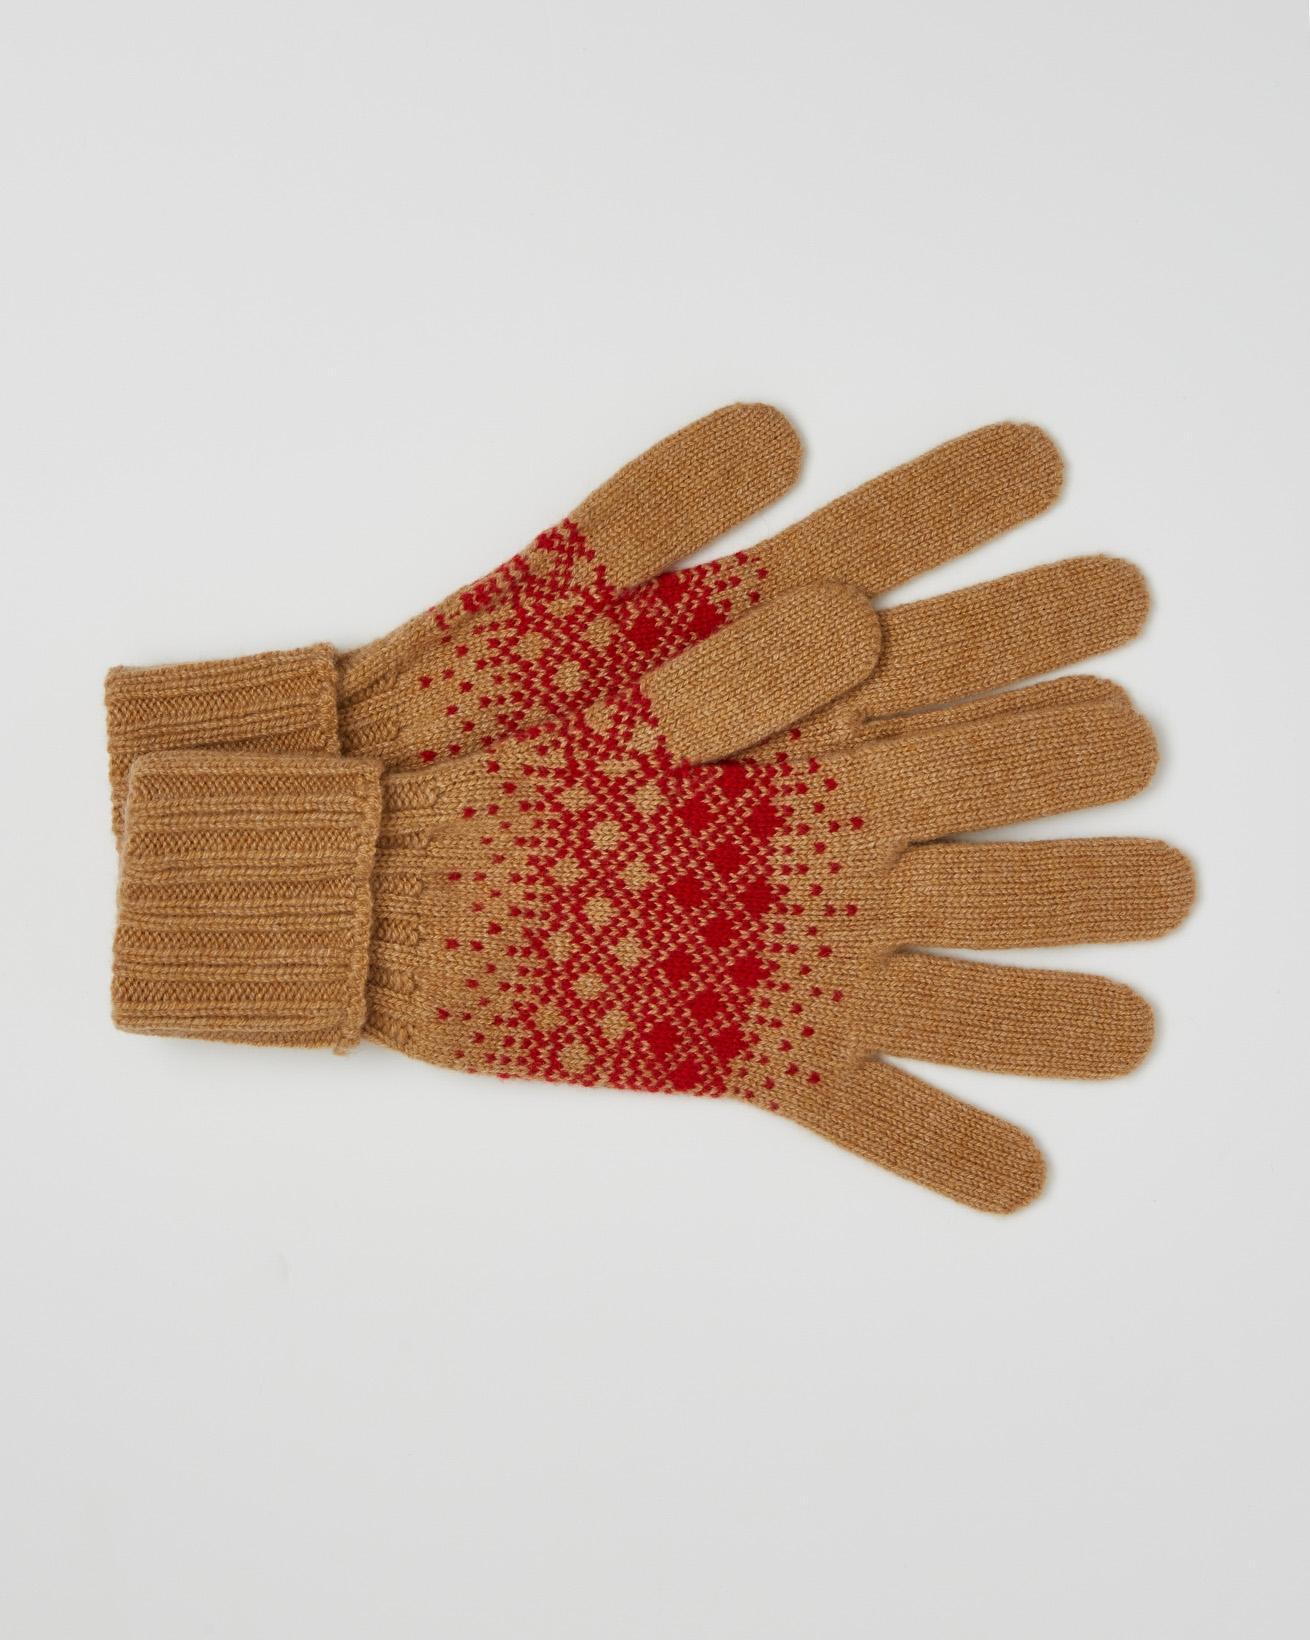 Cashmere Fairisle Gloves - One Size - Dark Camel, Pillarbox Red - 2459